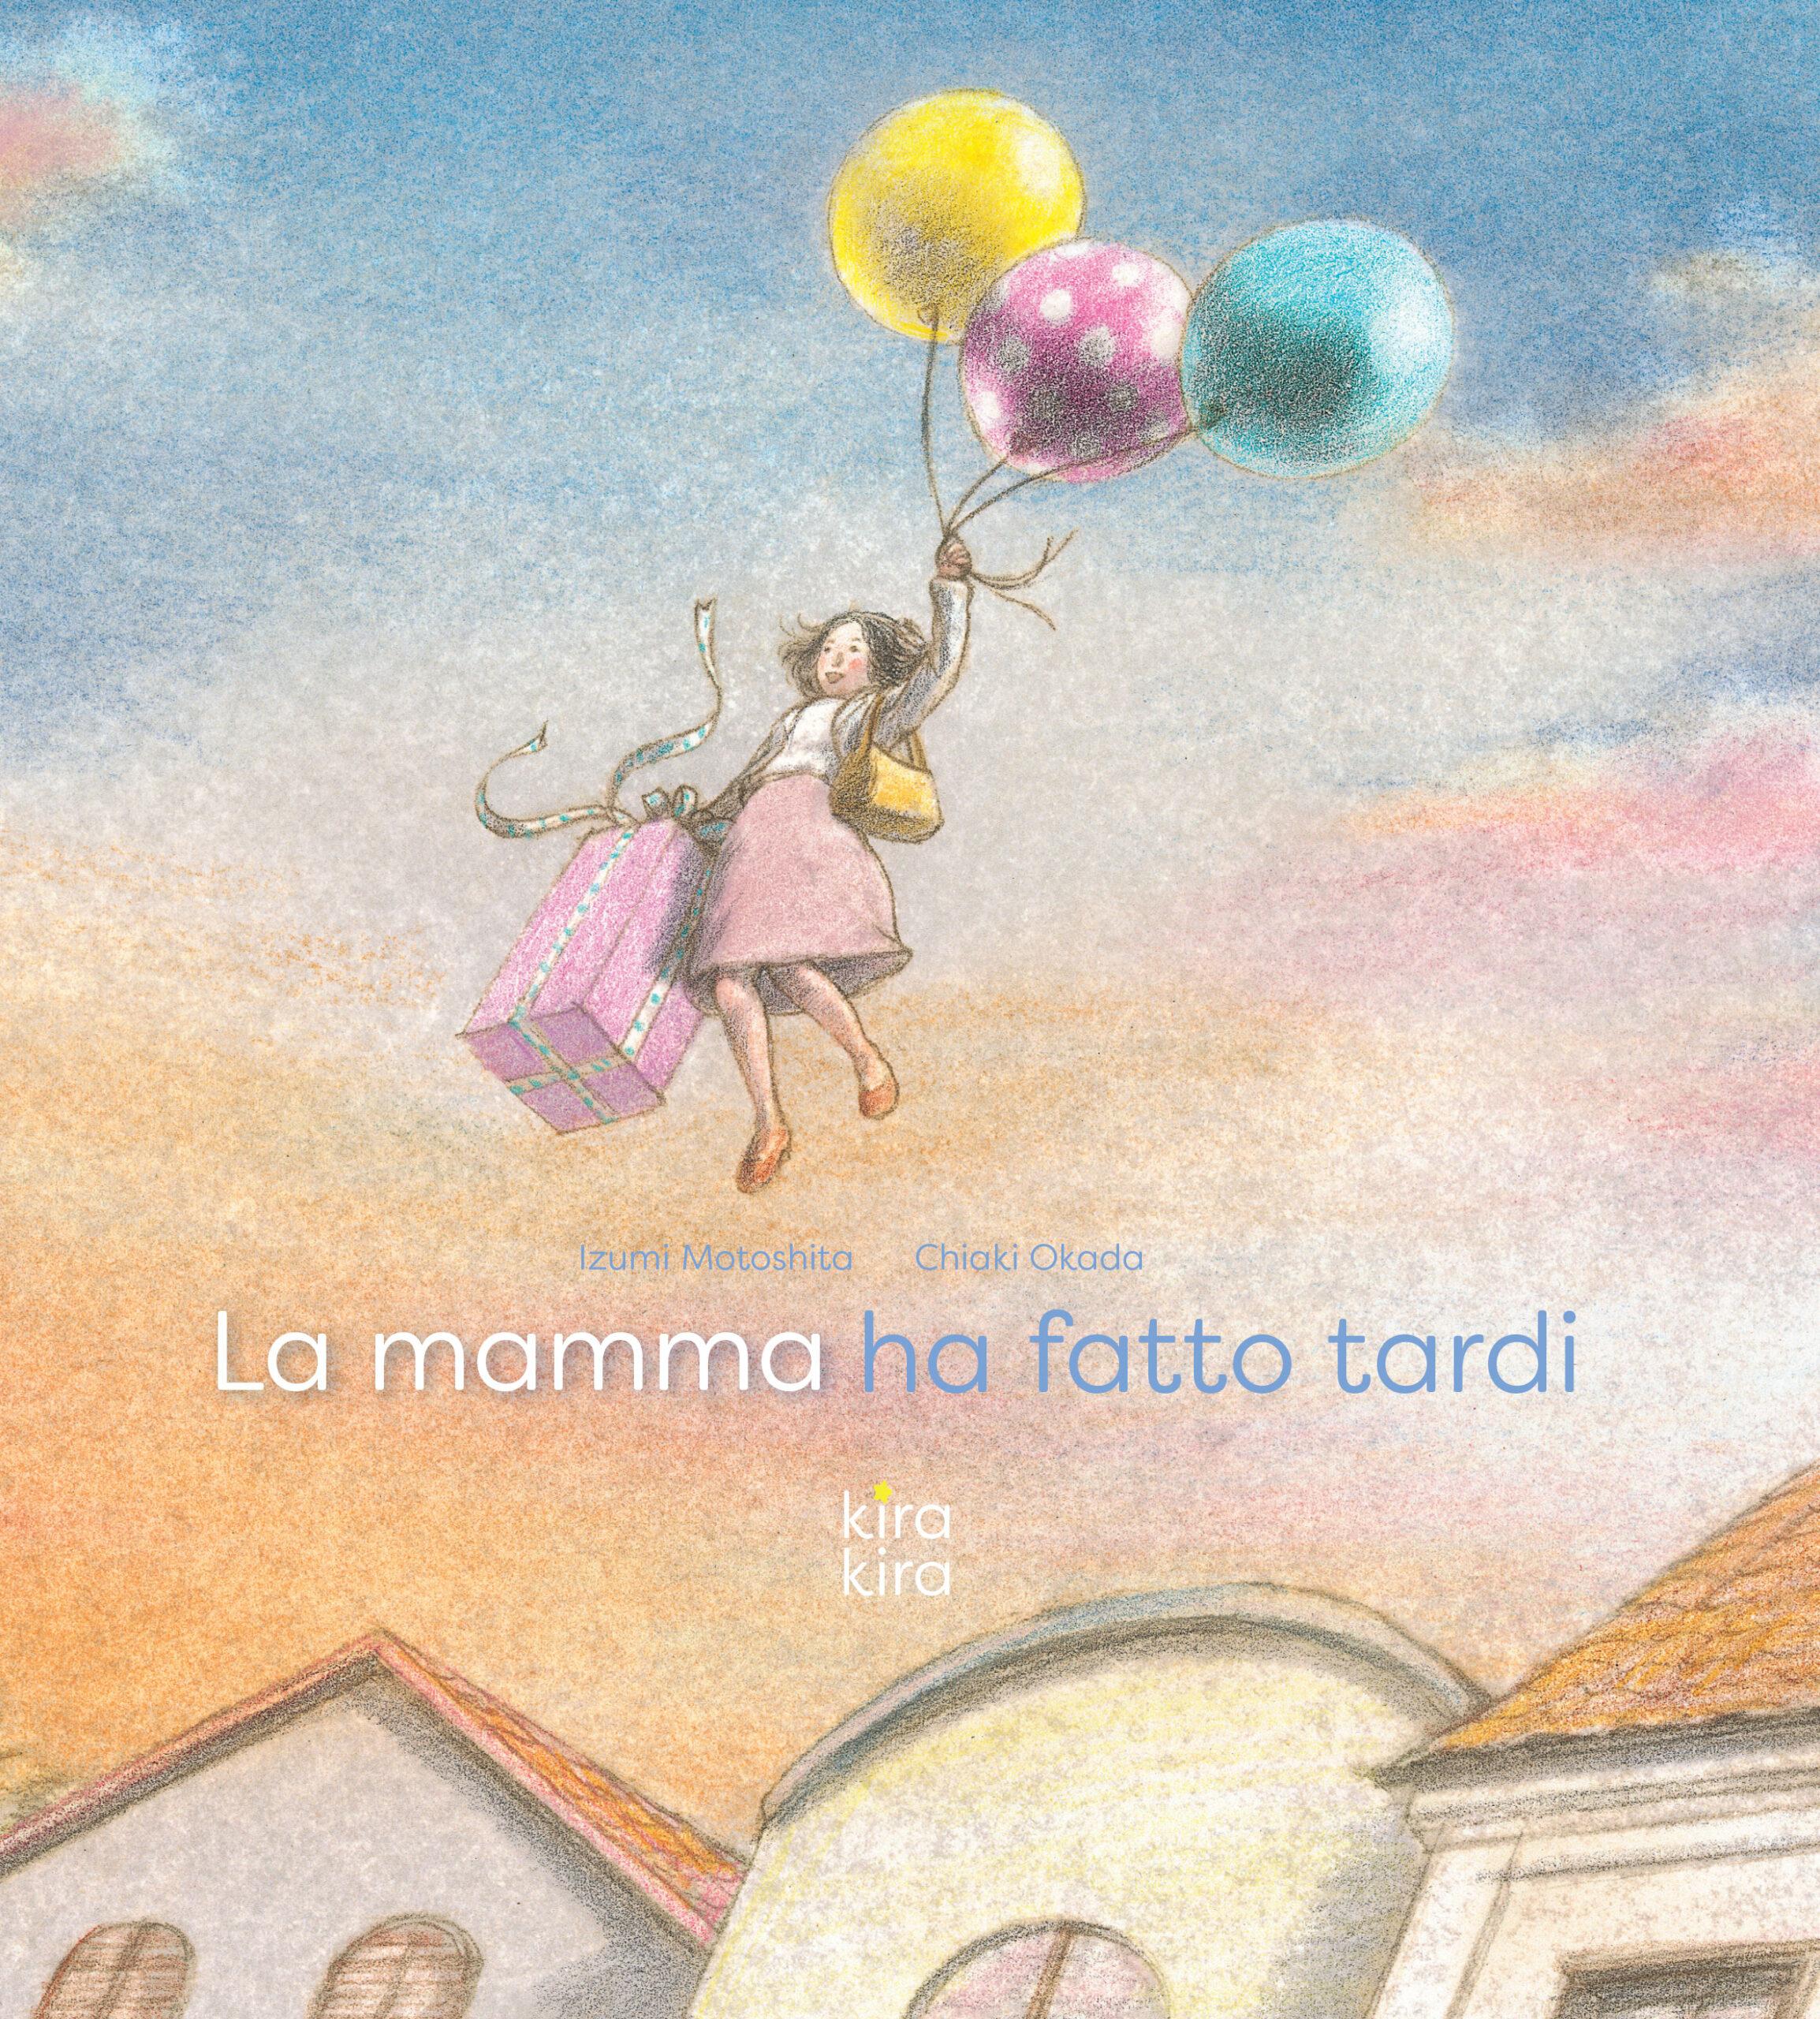 LA MAMMA HA FATTO TARDI kira kira edizioni cover